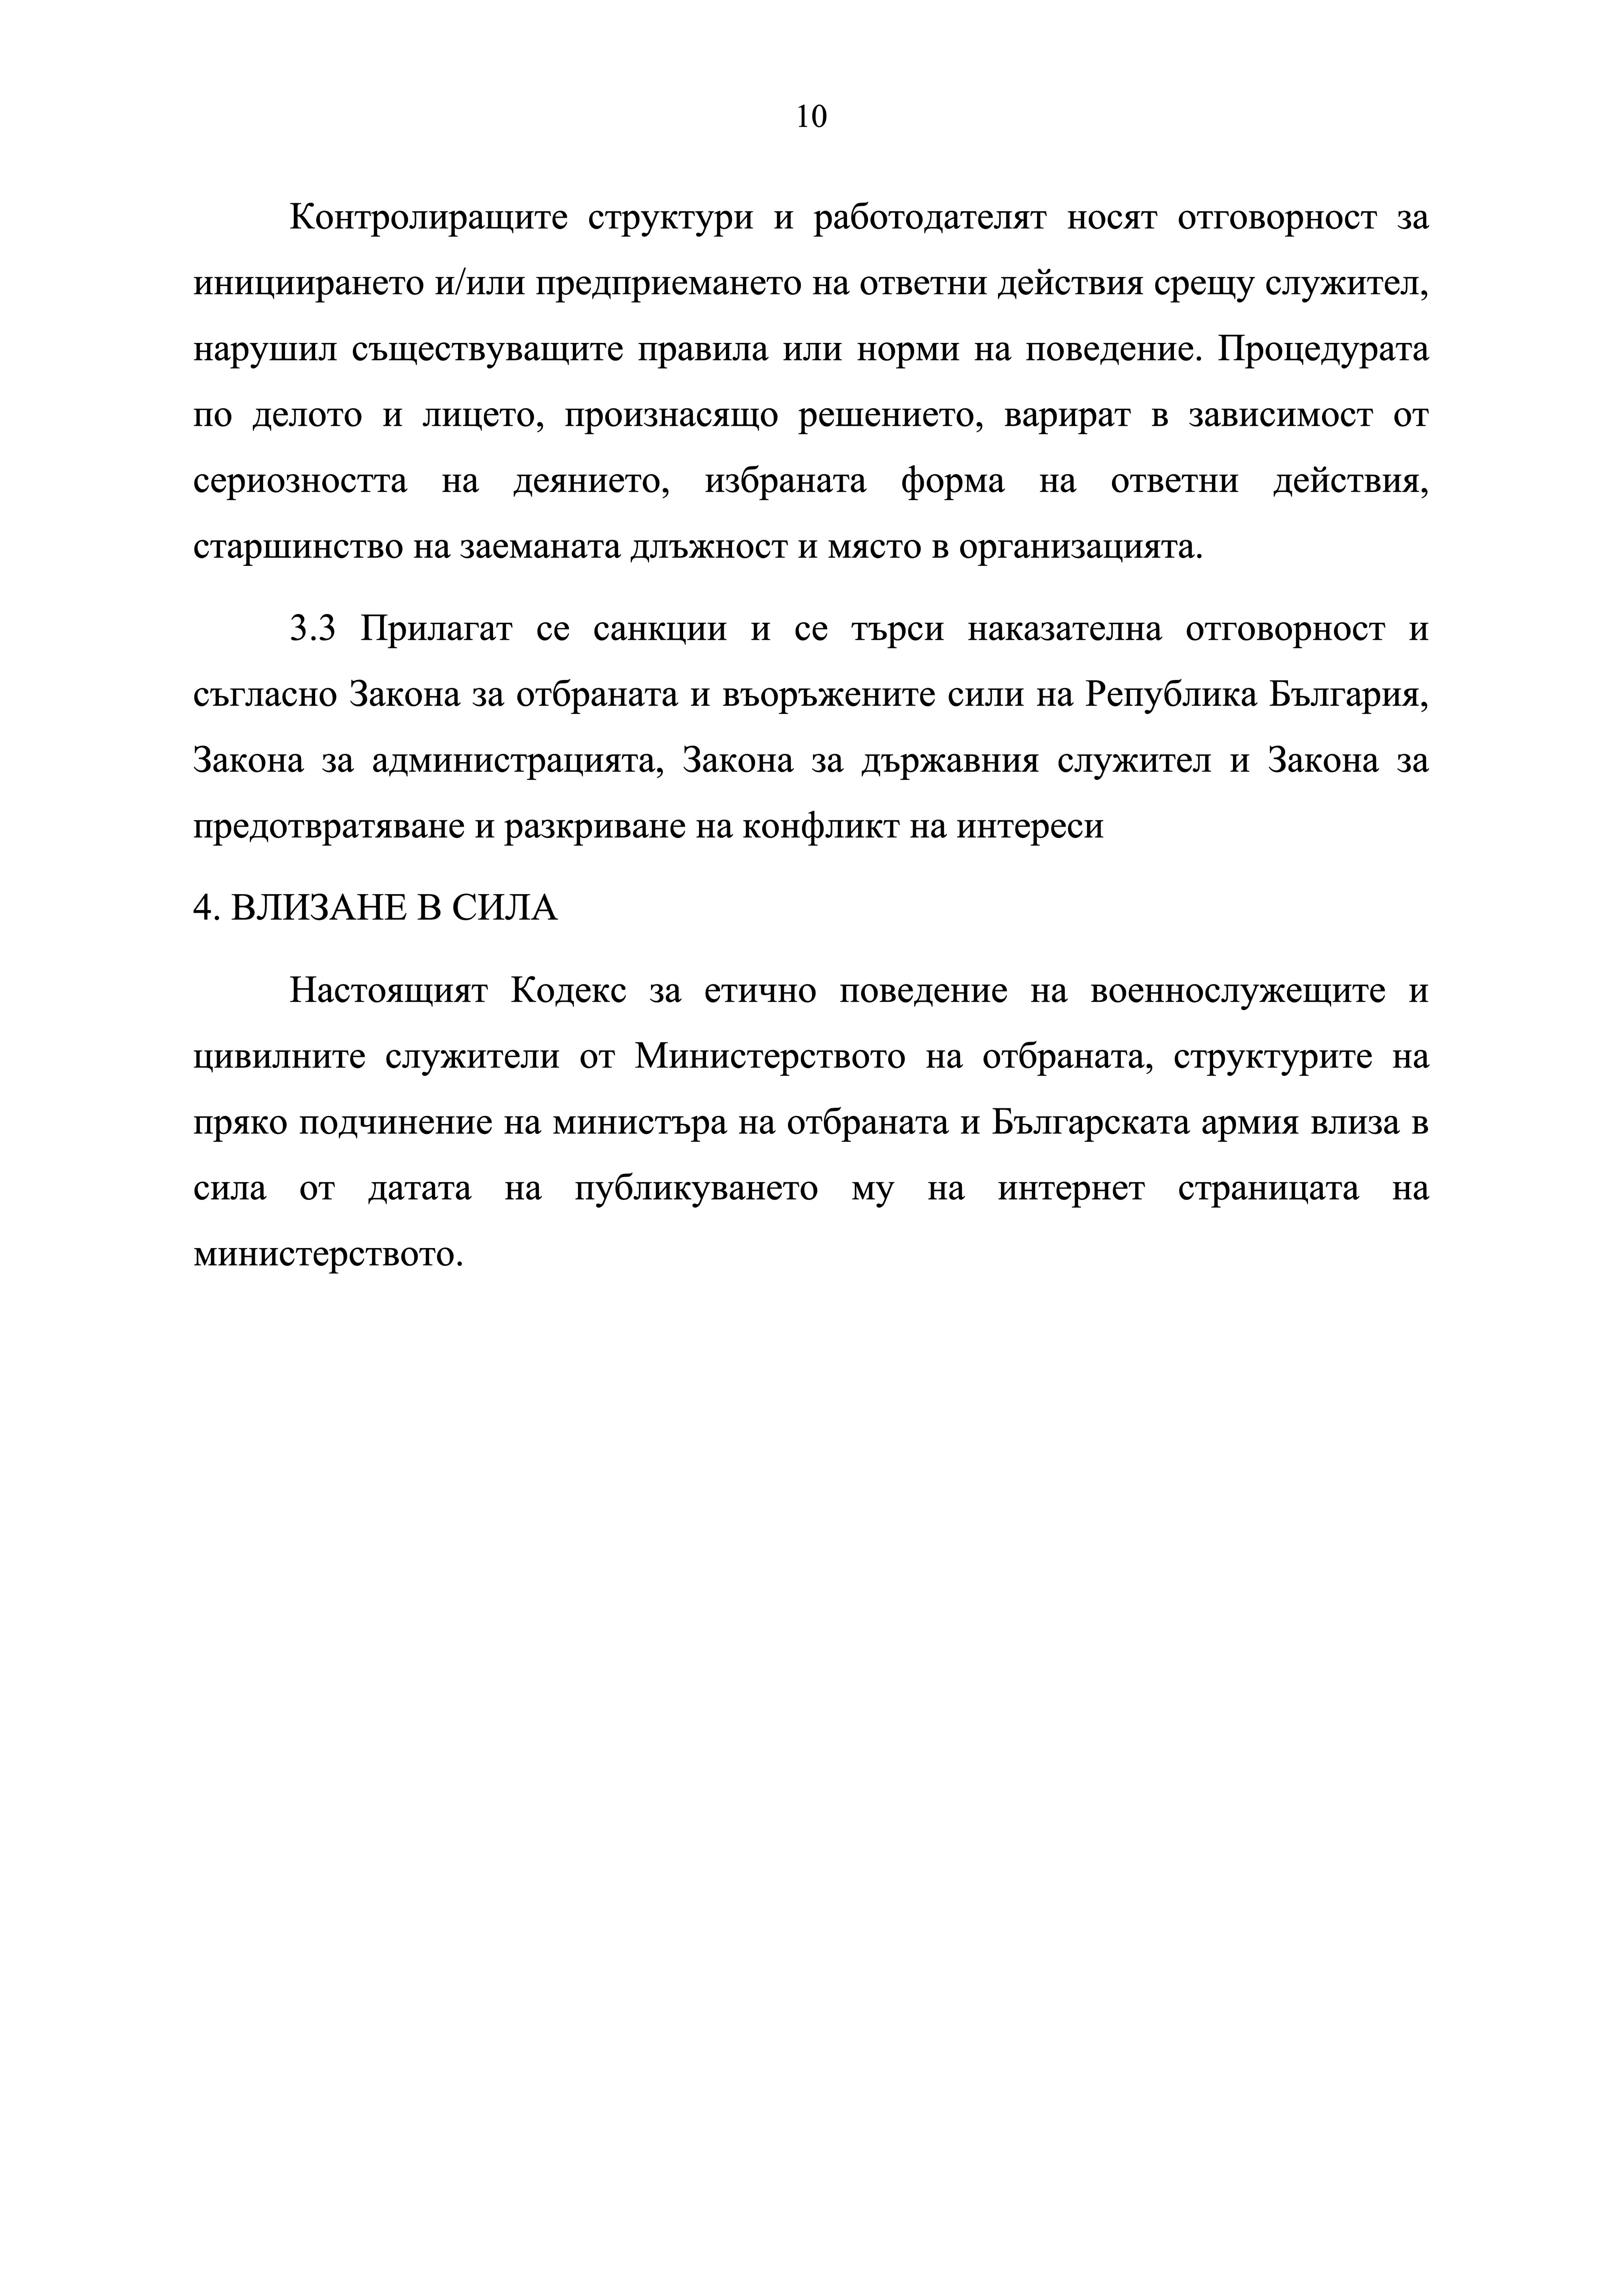 kodeks_etichno_povedenie_010